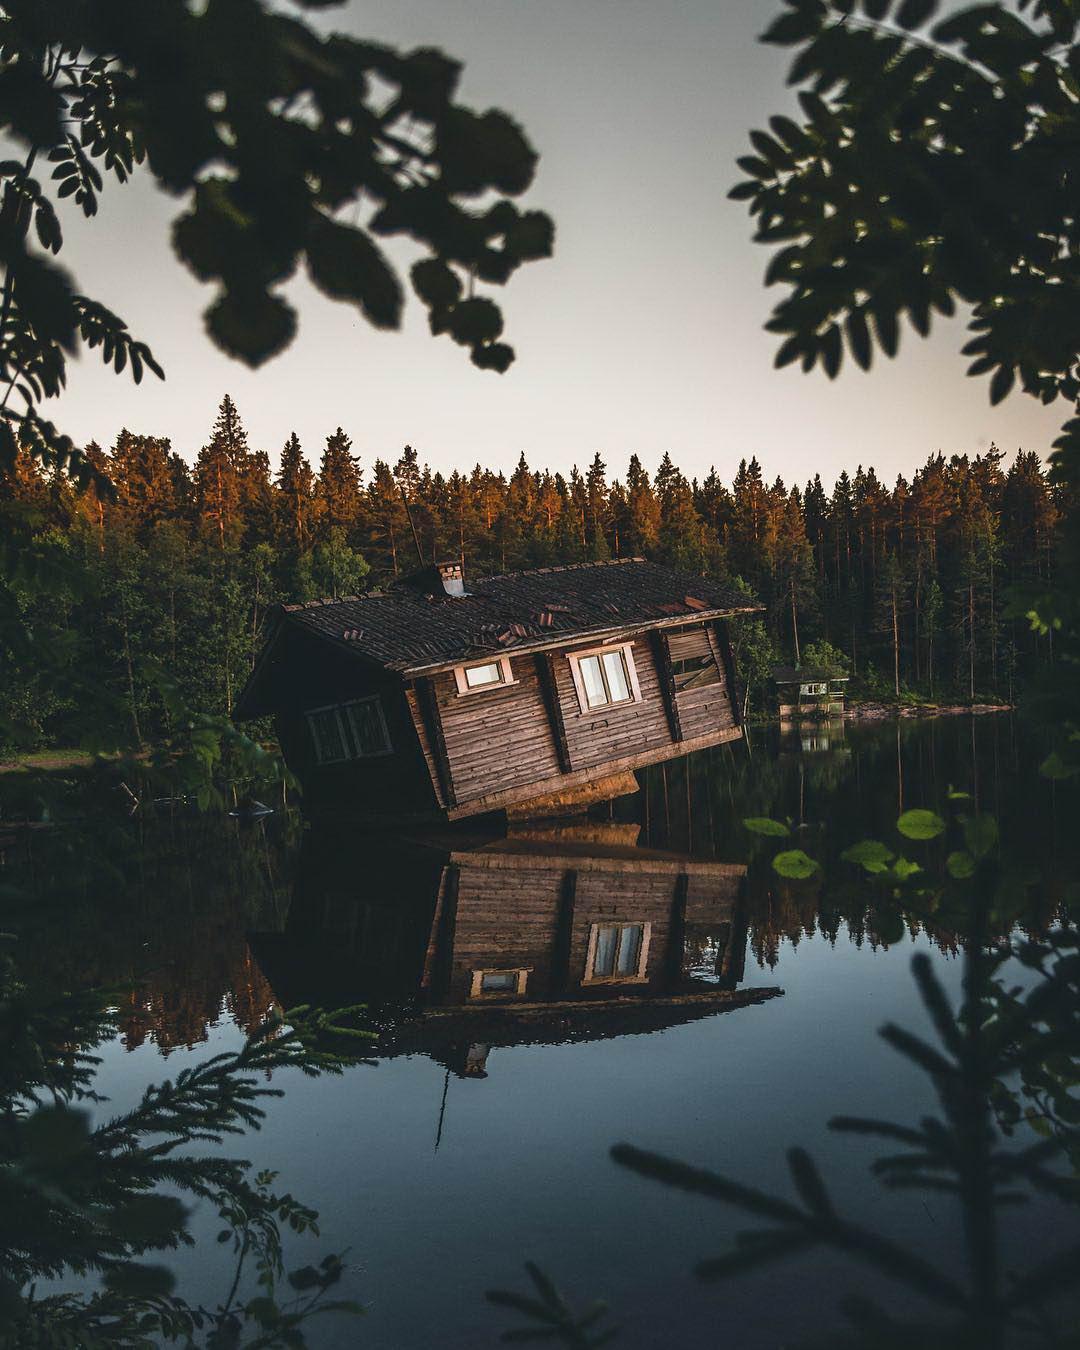 Путешествия и пейзажи на фото Янни Лааксо